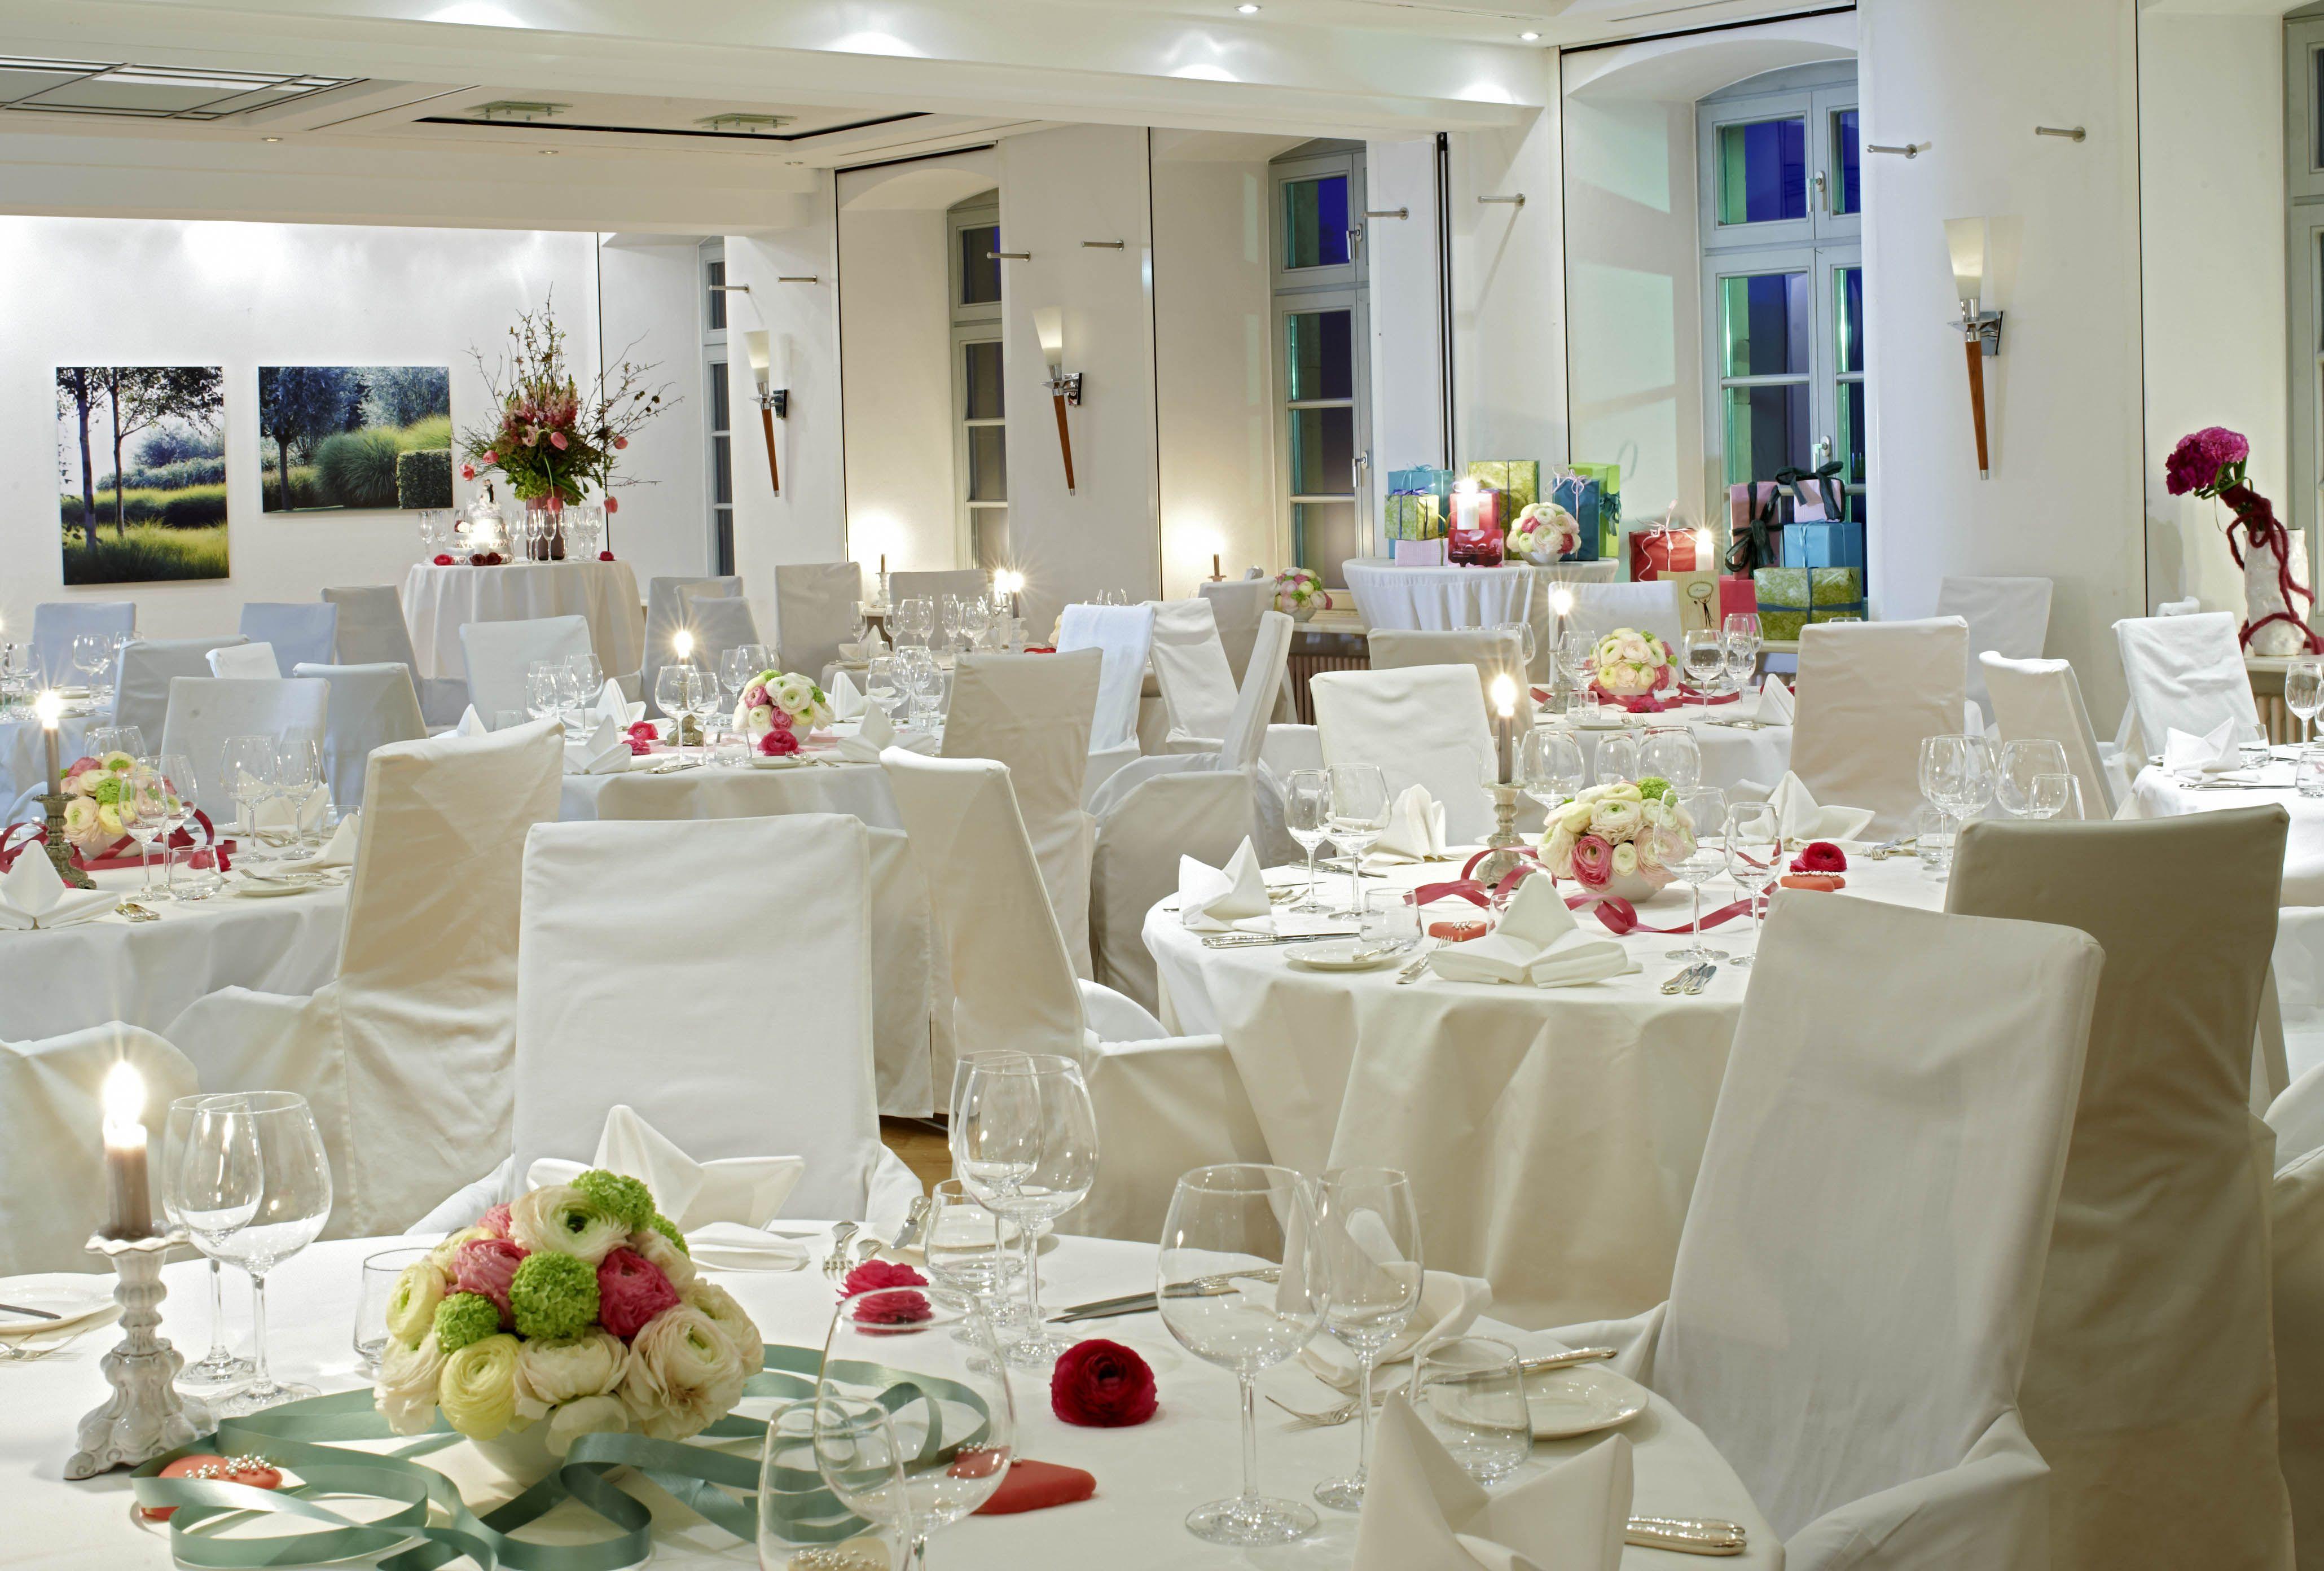 Festsaal hochzeit mit dekoration hotel kloster hornbach for Hornbach dekoration